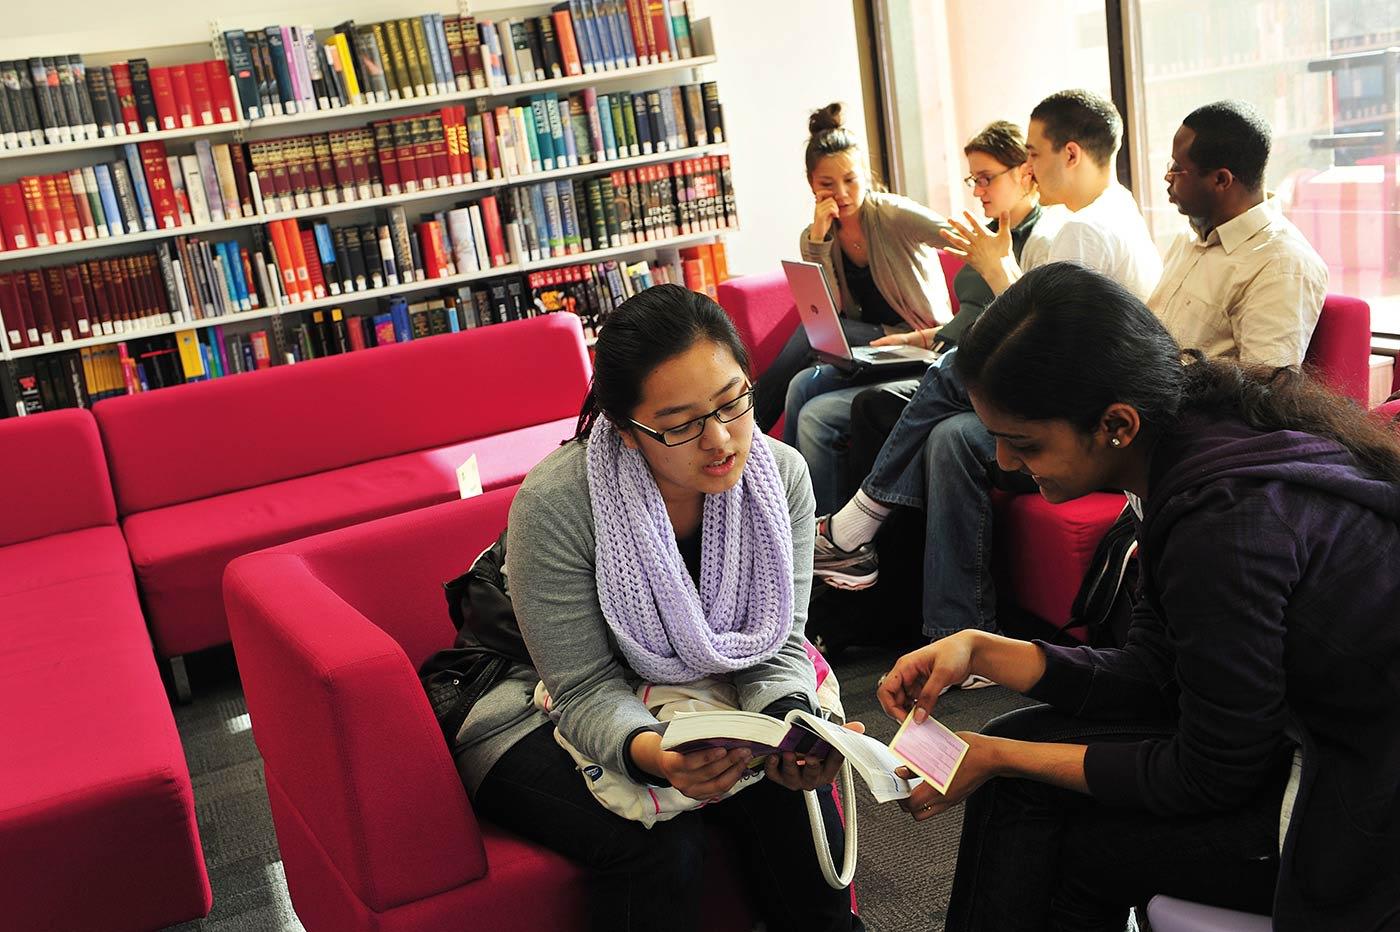 الانتفاع الكامل من المكتبة الجامعية